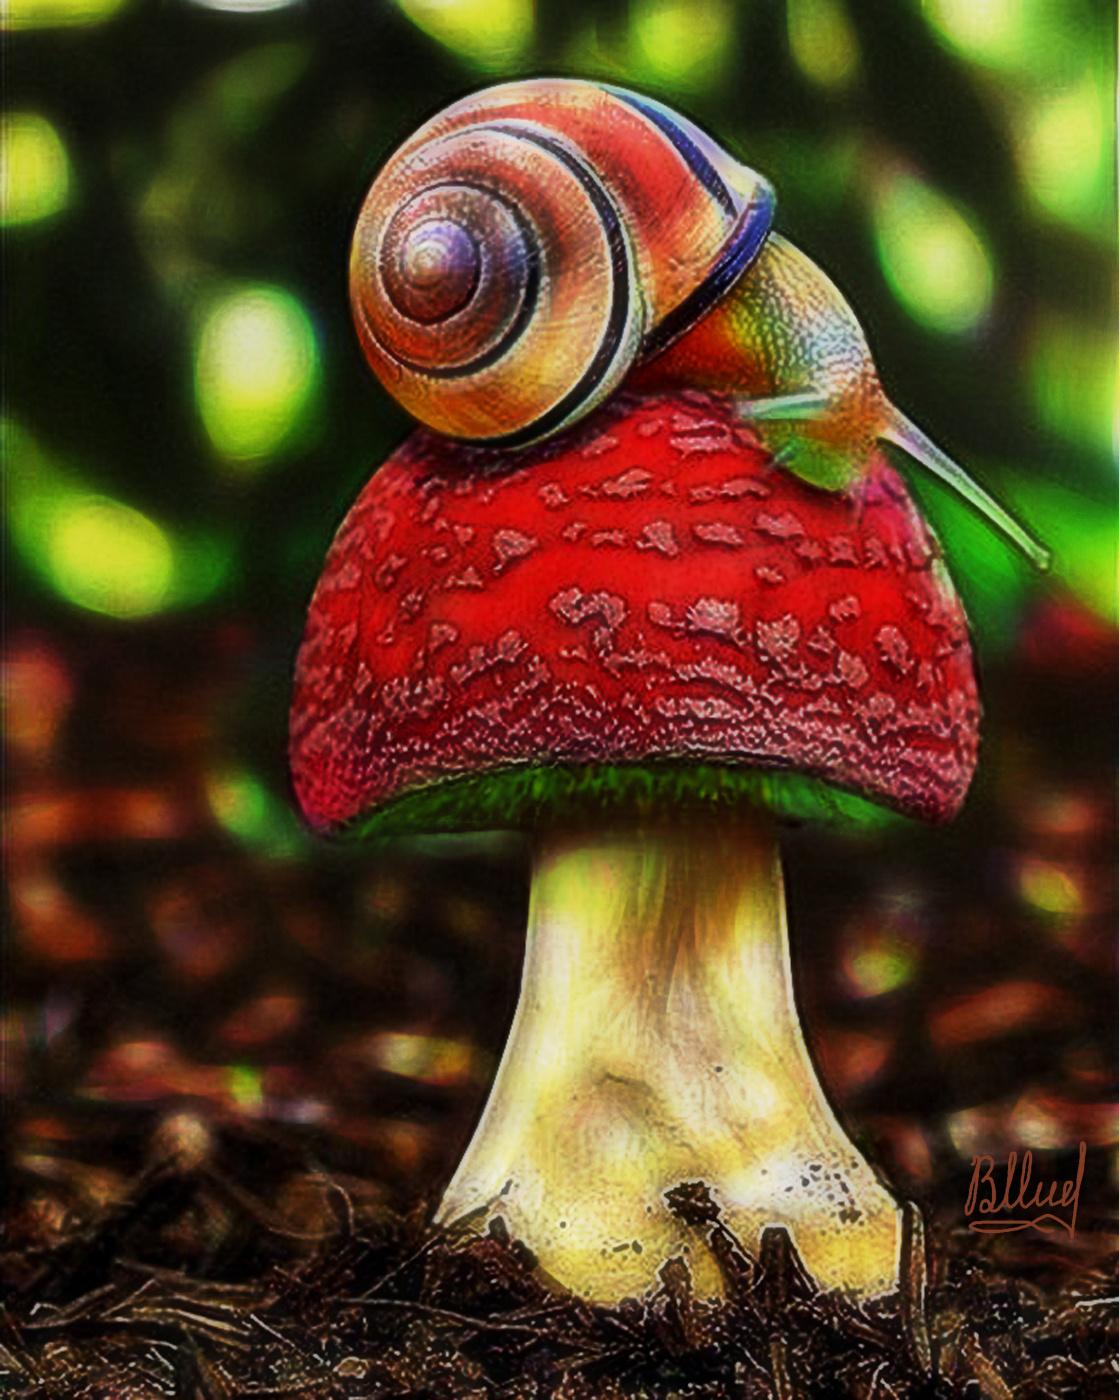 Vasiliy Mishchenko. Red mushroom